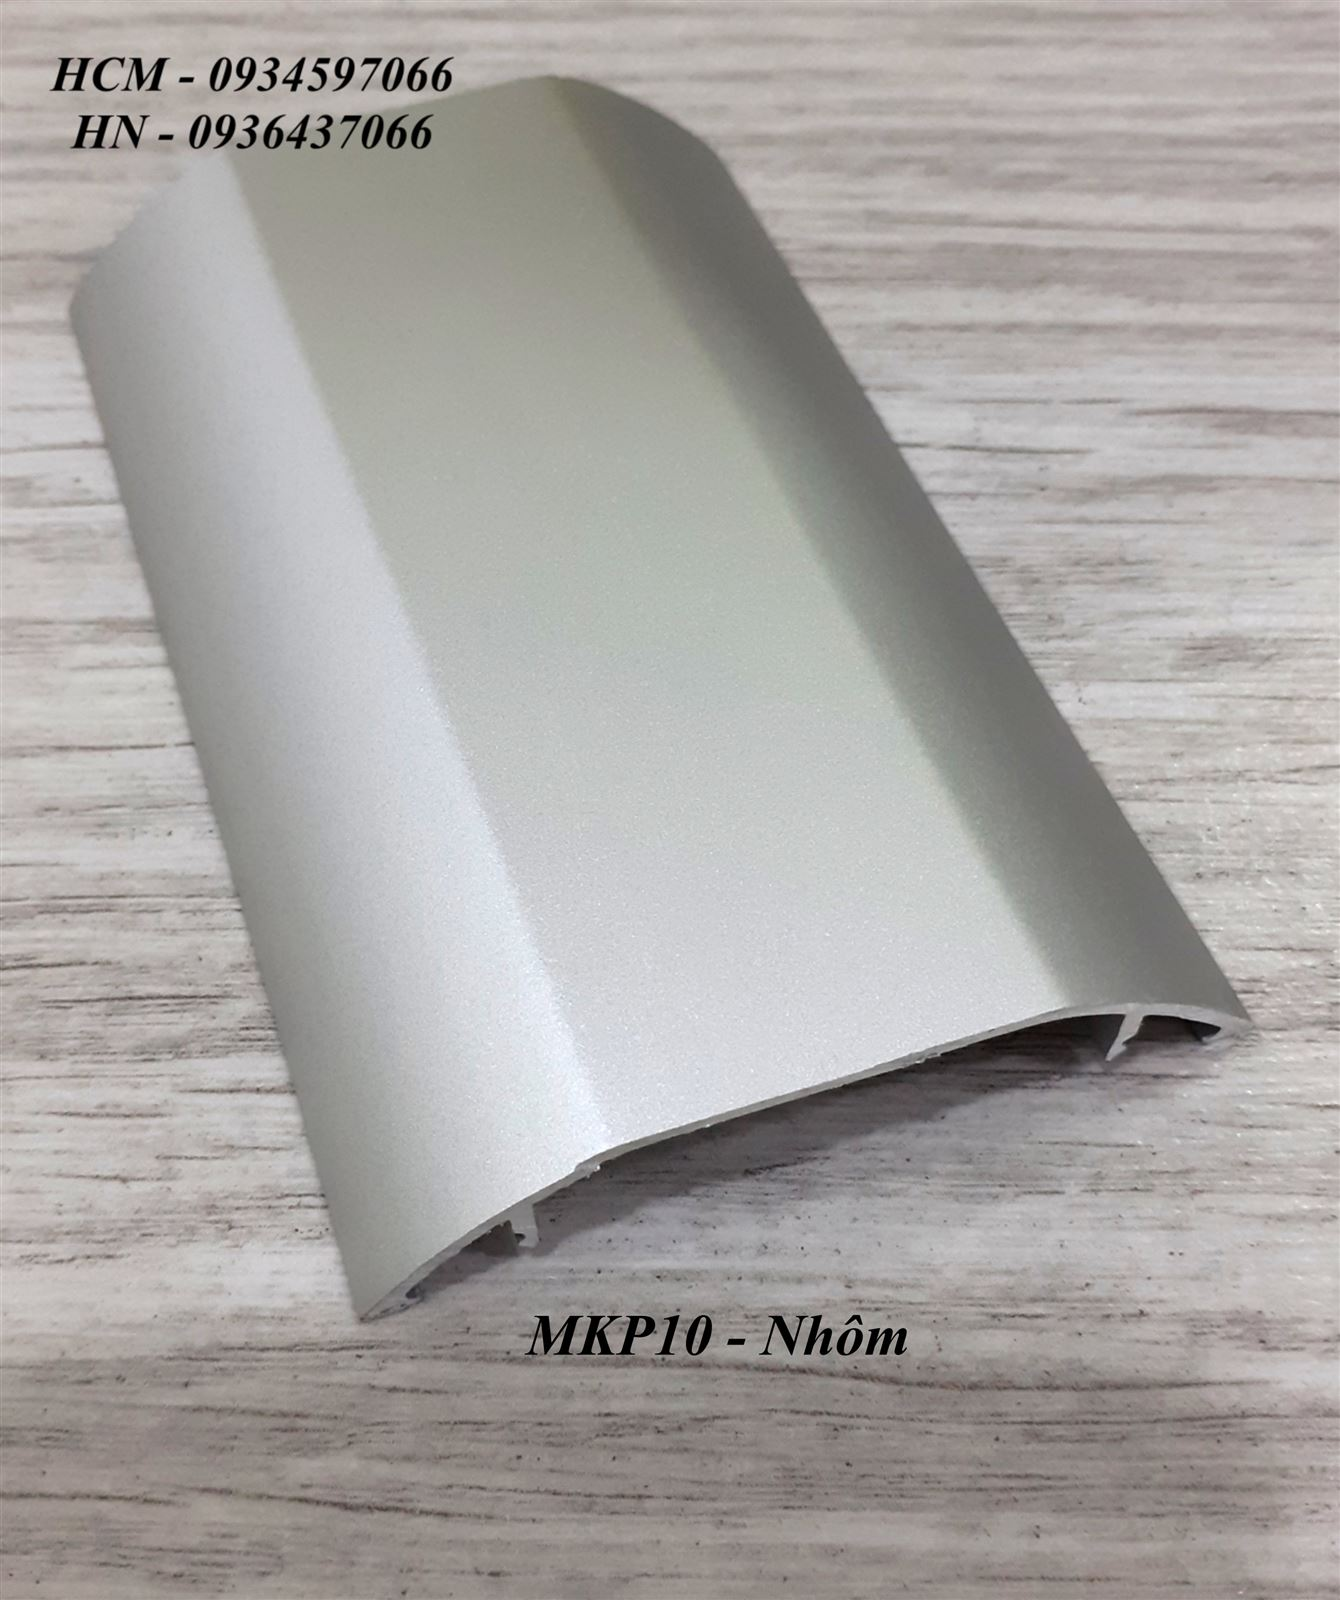 Nẹp dây điện MKP10-nẹp nhôm bán nguyệt MKP10